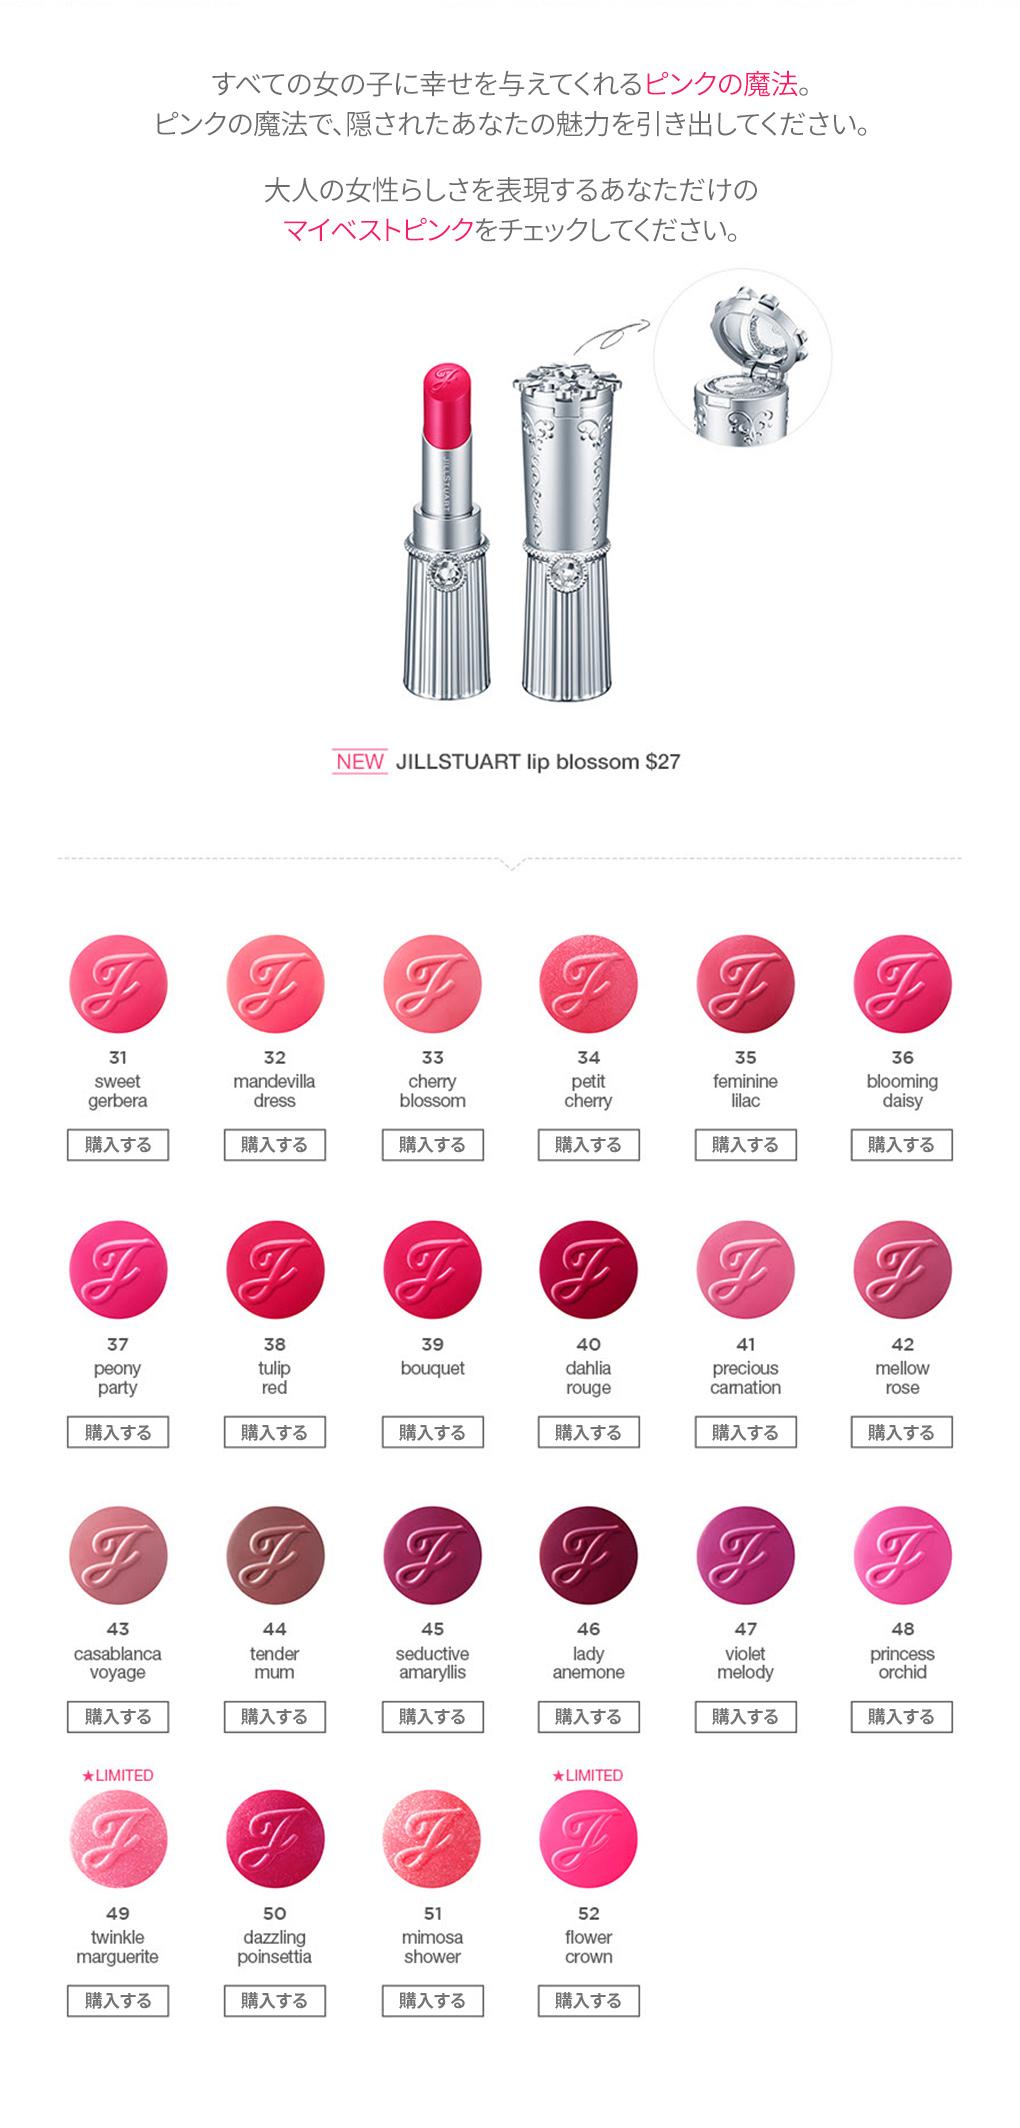 すべての女の子に幸せを与えてくれるピンクの魔法。 ピンクの魔法で、隠されたあなたの魅力を引き出してください。 大人の女性らしさを表現するあなただけのマイベストピンクをチェックしてください。 JILLSTUART lip blossom $27